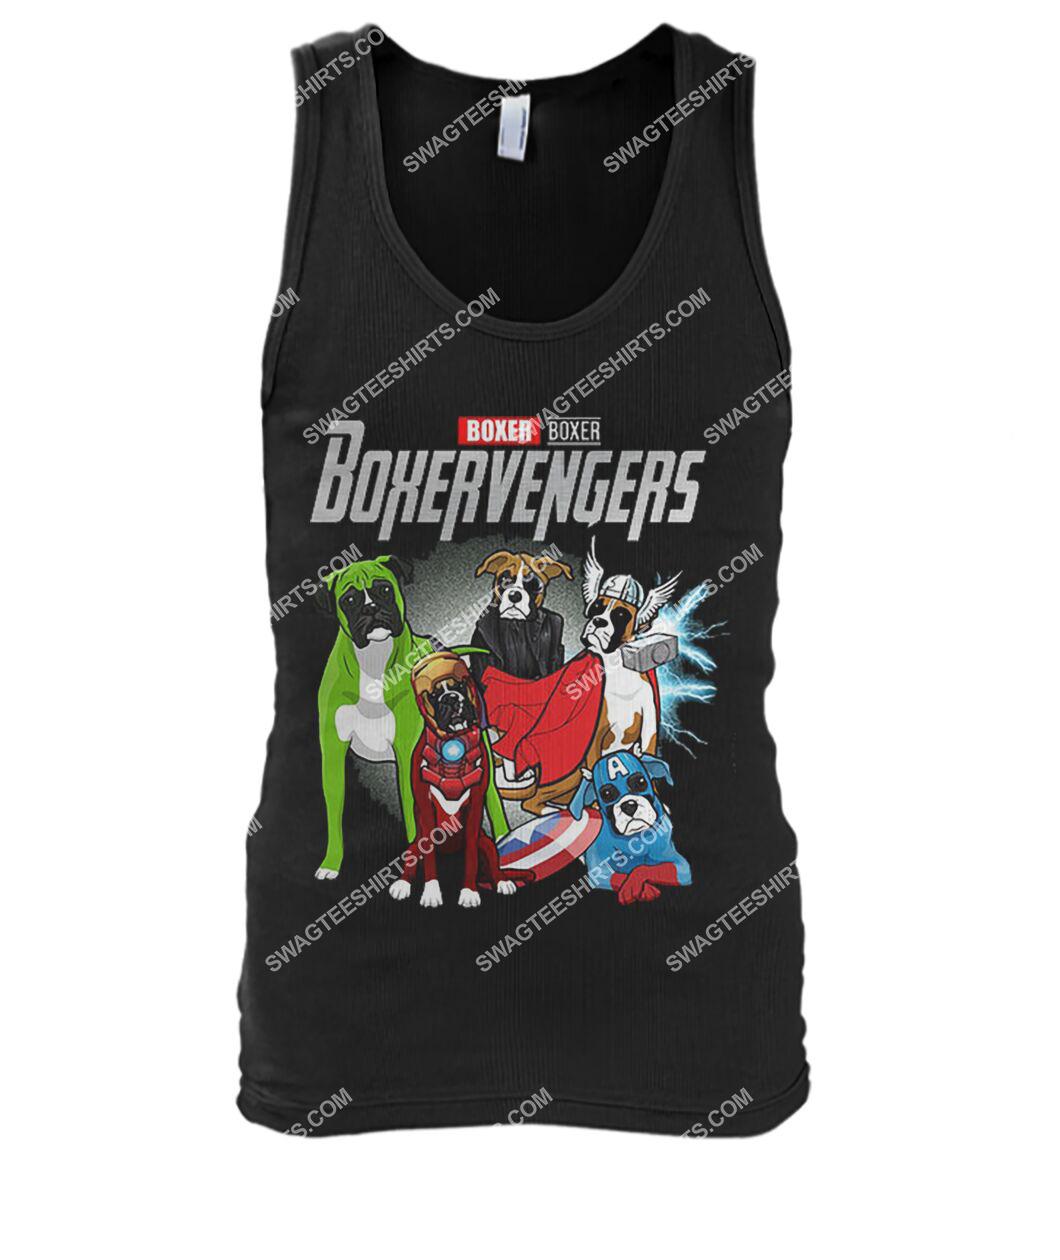 boxer boxervengers marvel avengers dogs lover tank top 1